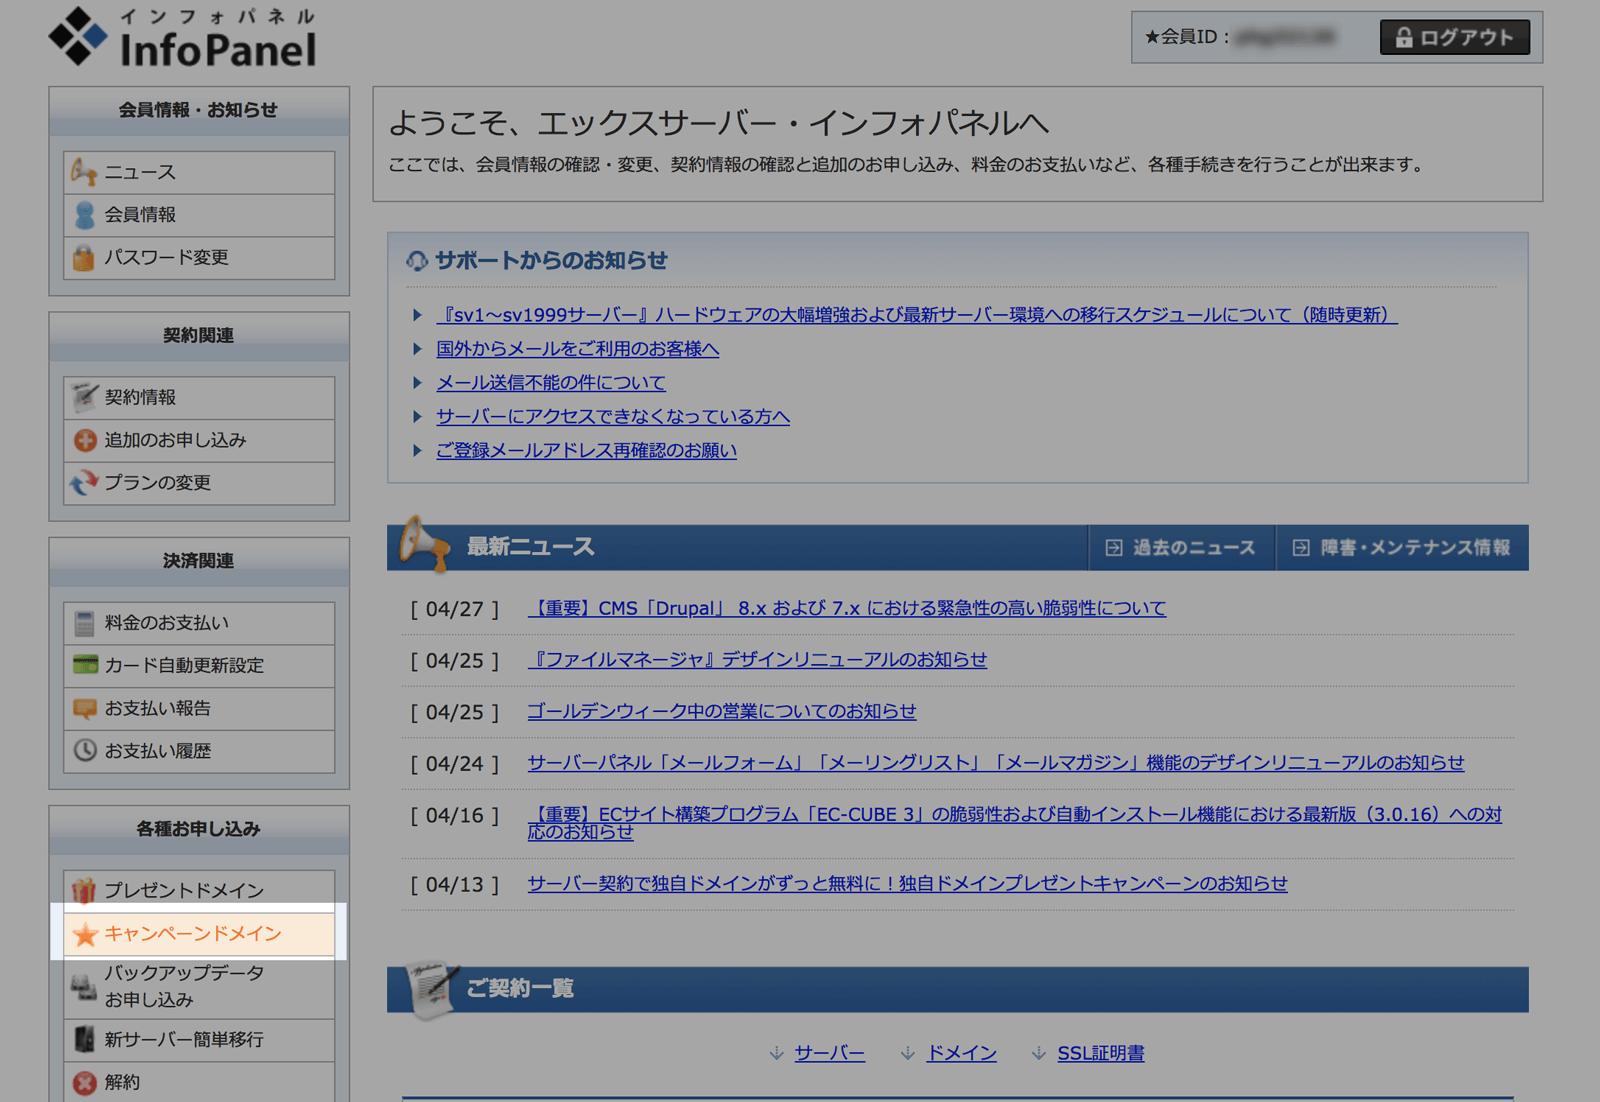 インフォパネルのキャンペーンドメインメニューから申請する